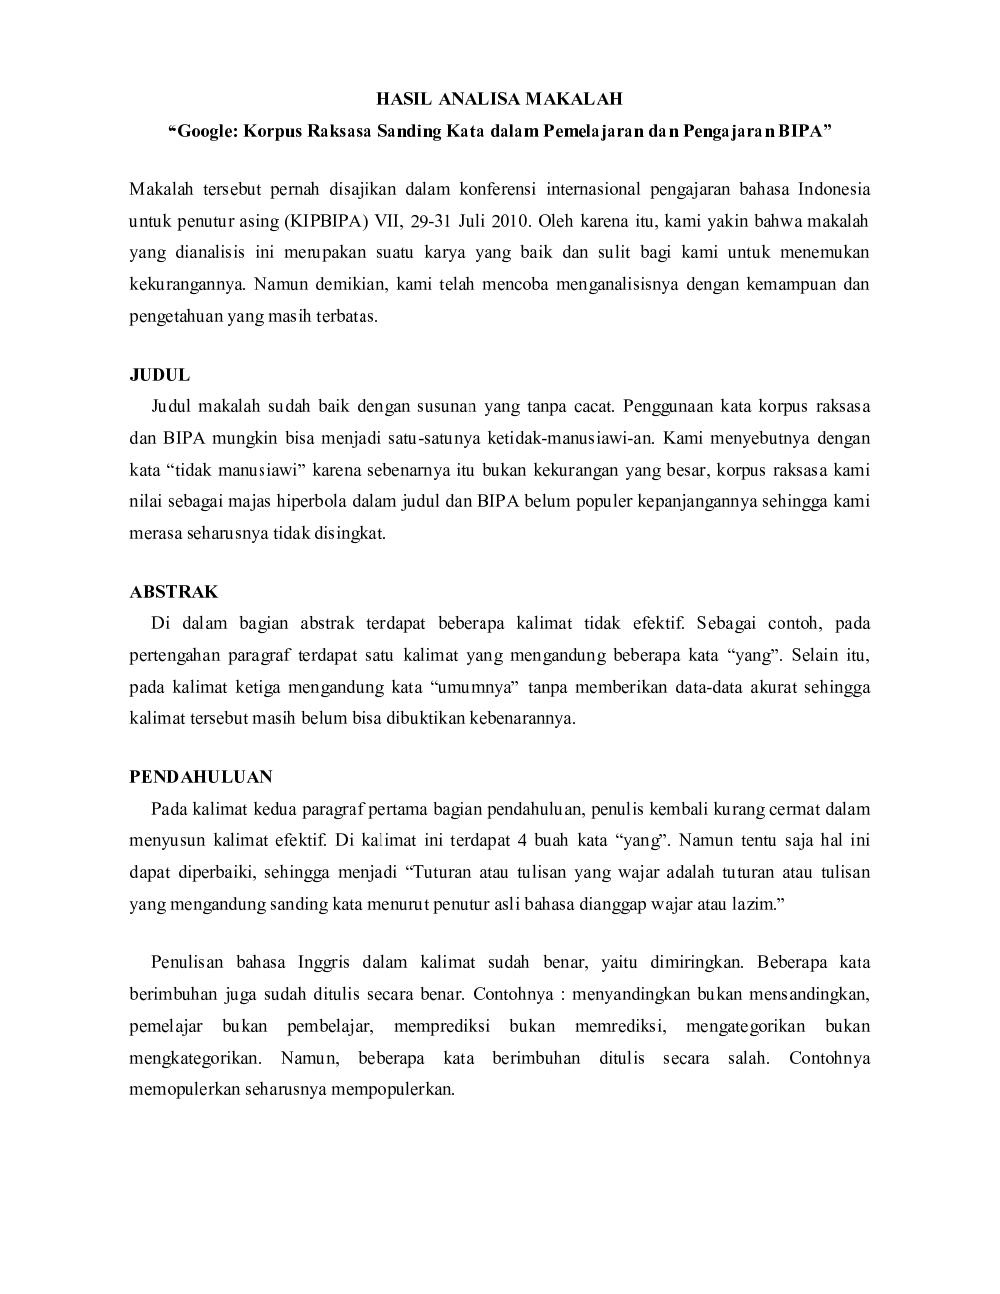 May 2011 Andri Yudhistira S Site